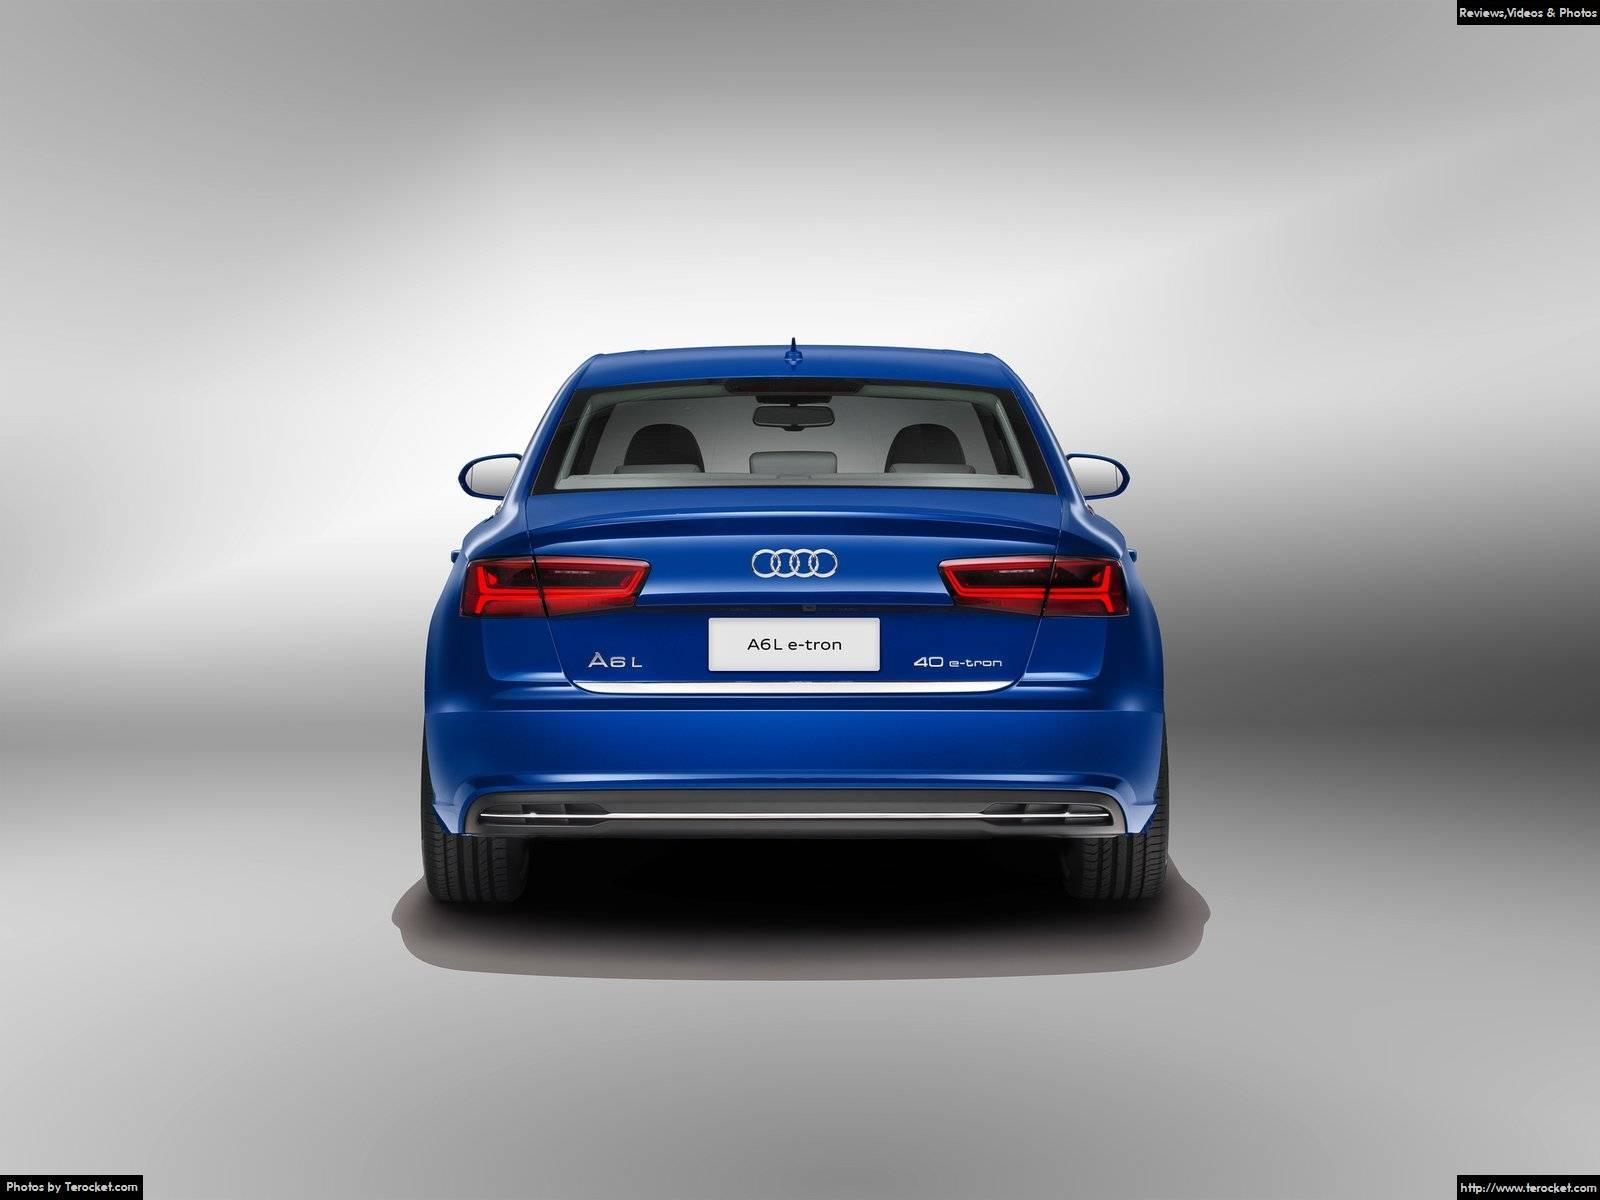 Hình ảnh xe ô tô Audi A6L e-tron 2017 & nội ngoại thất